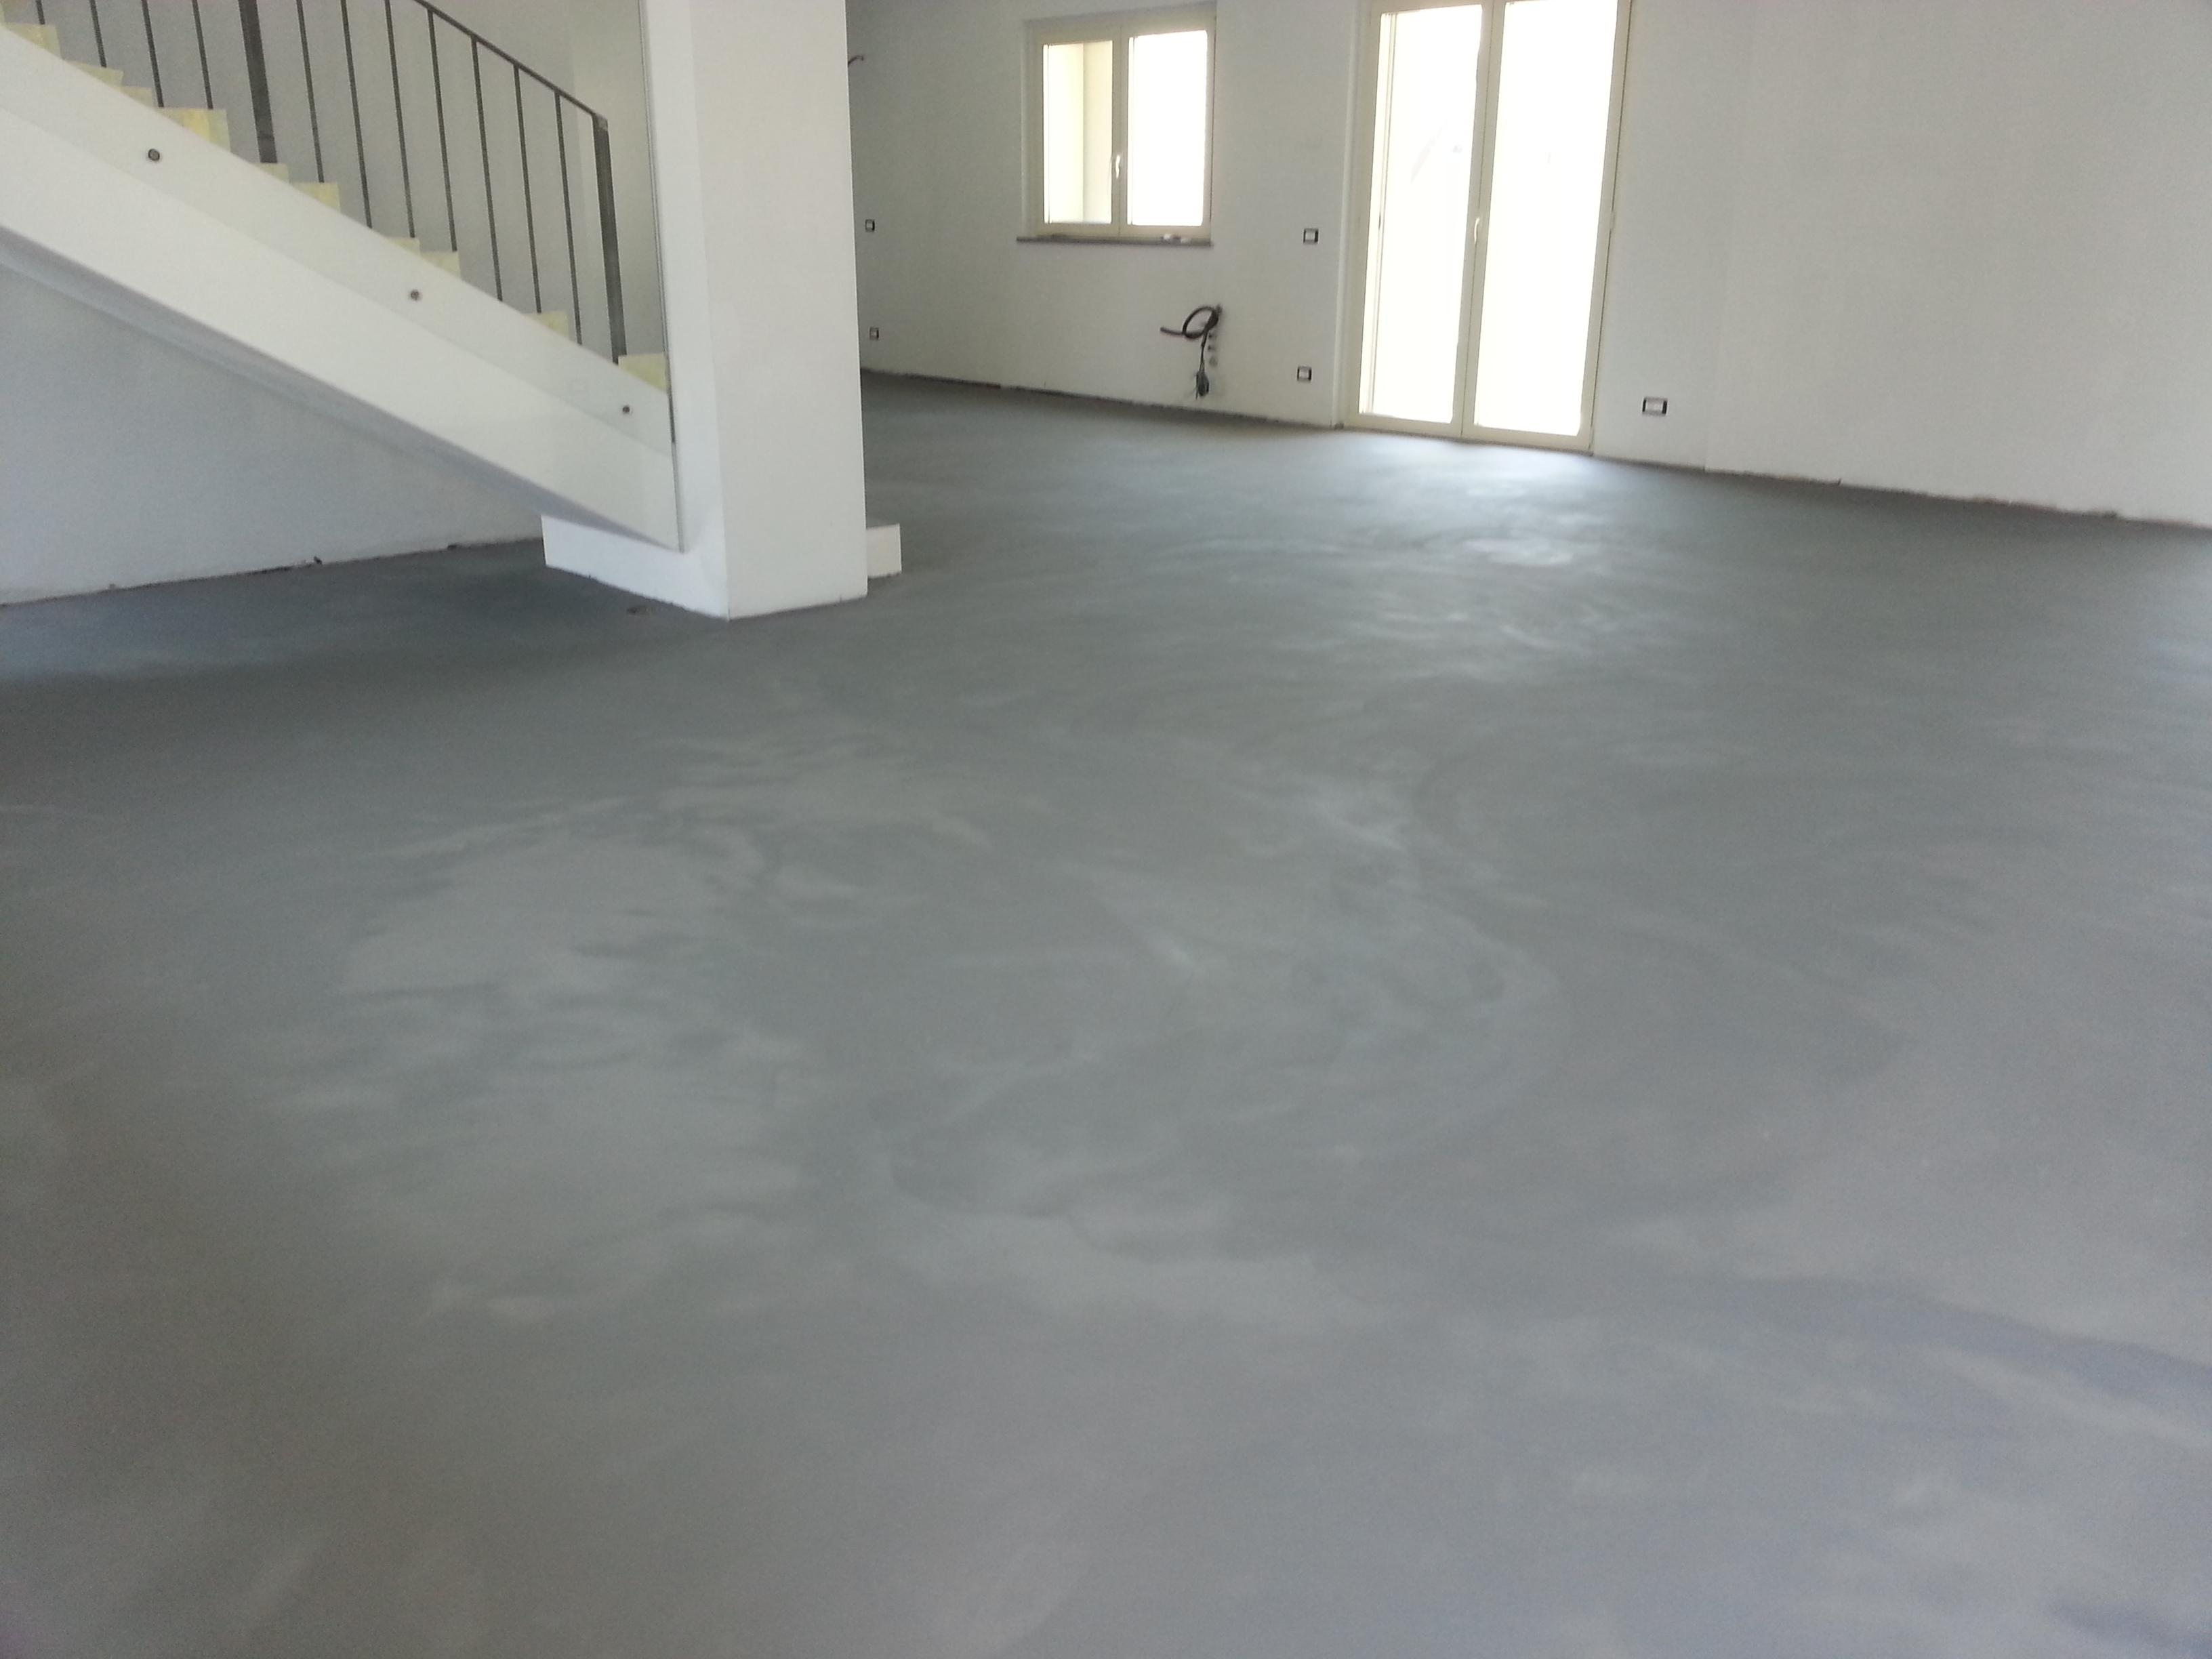 Pavimenti industriali in resina - Microcemento Alessandria